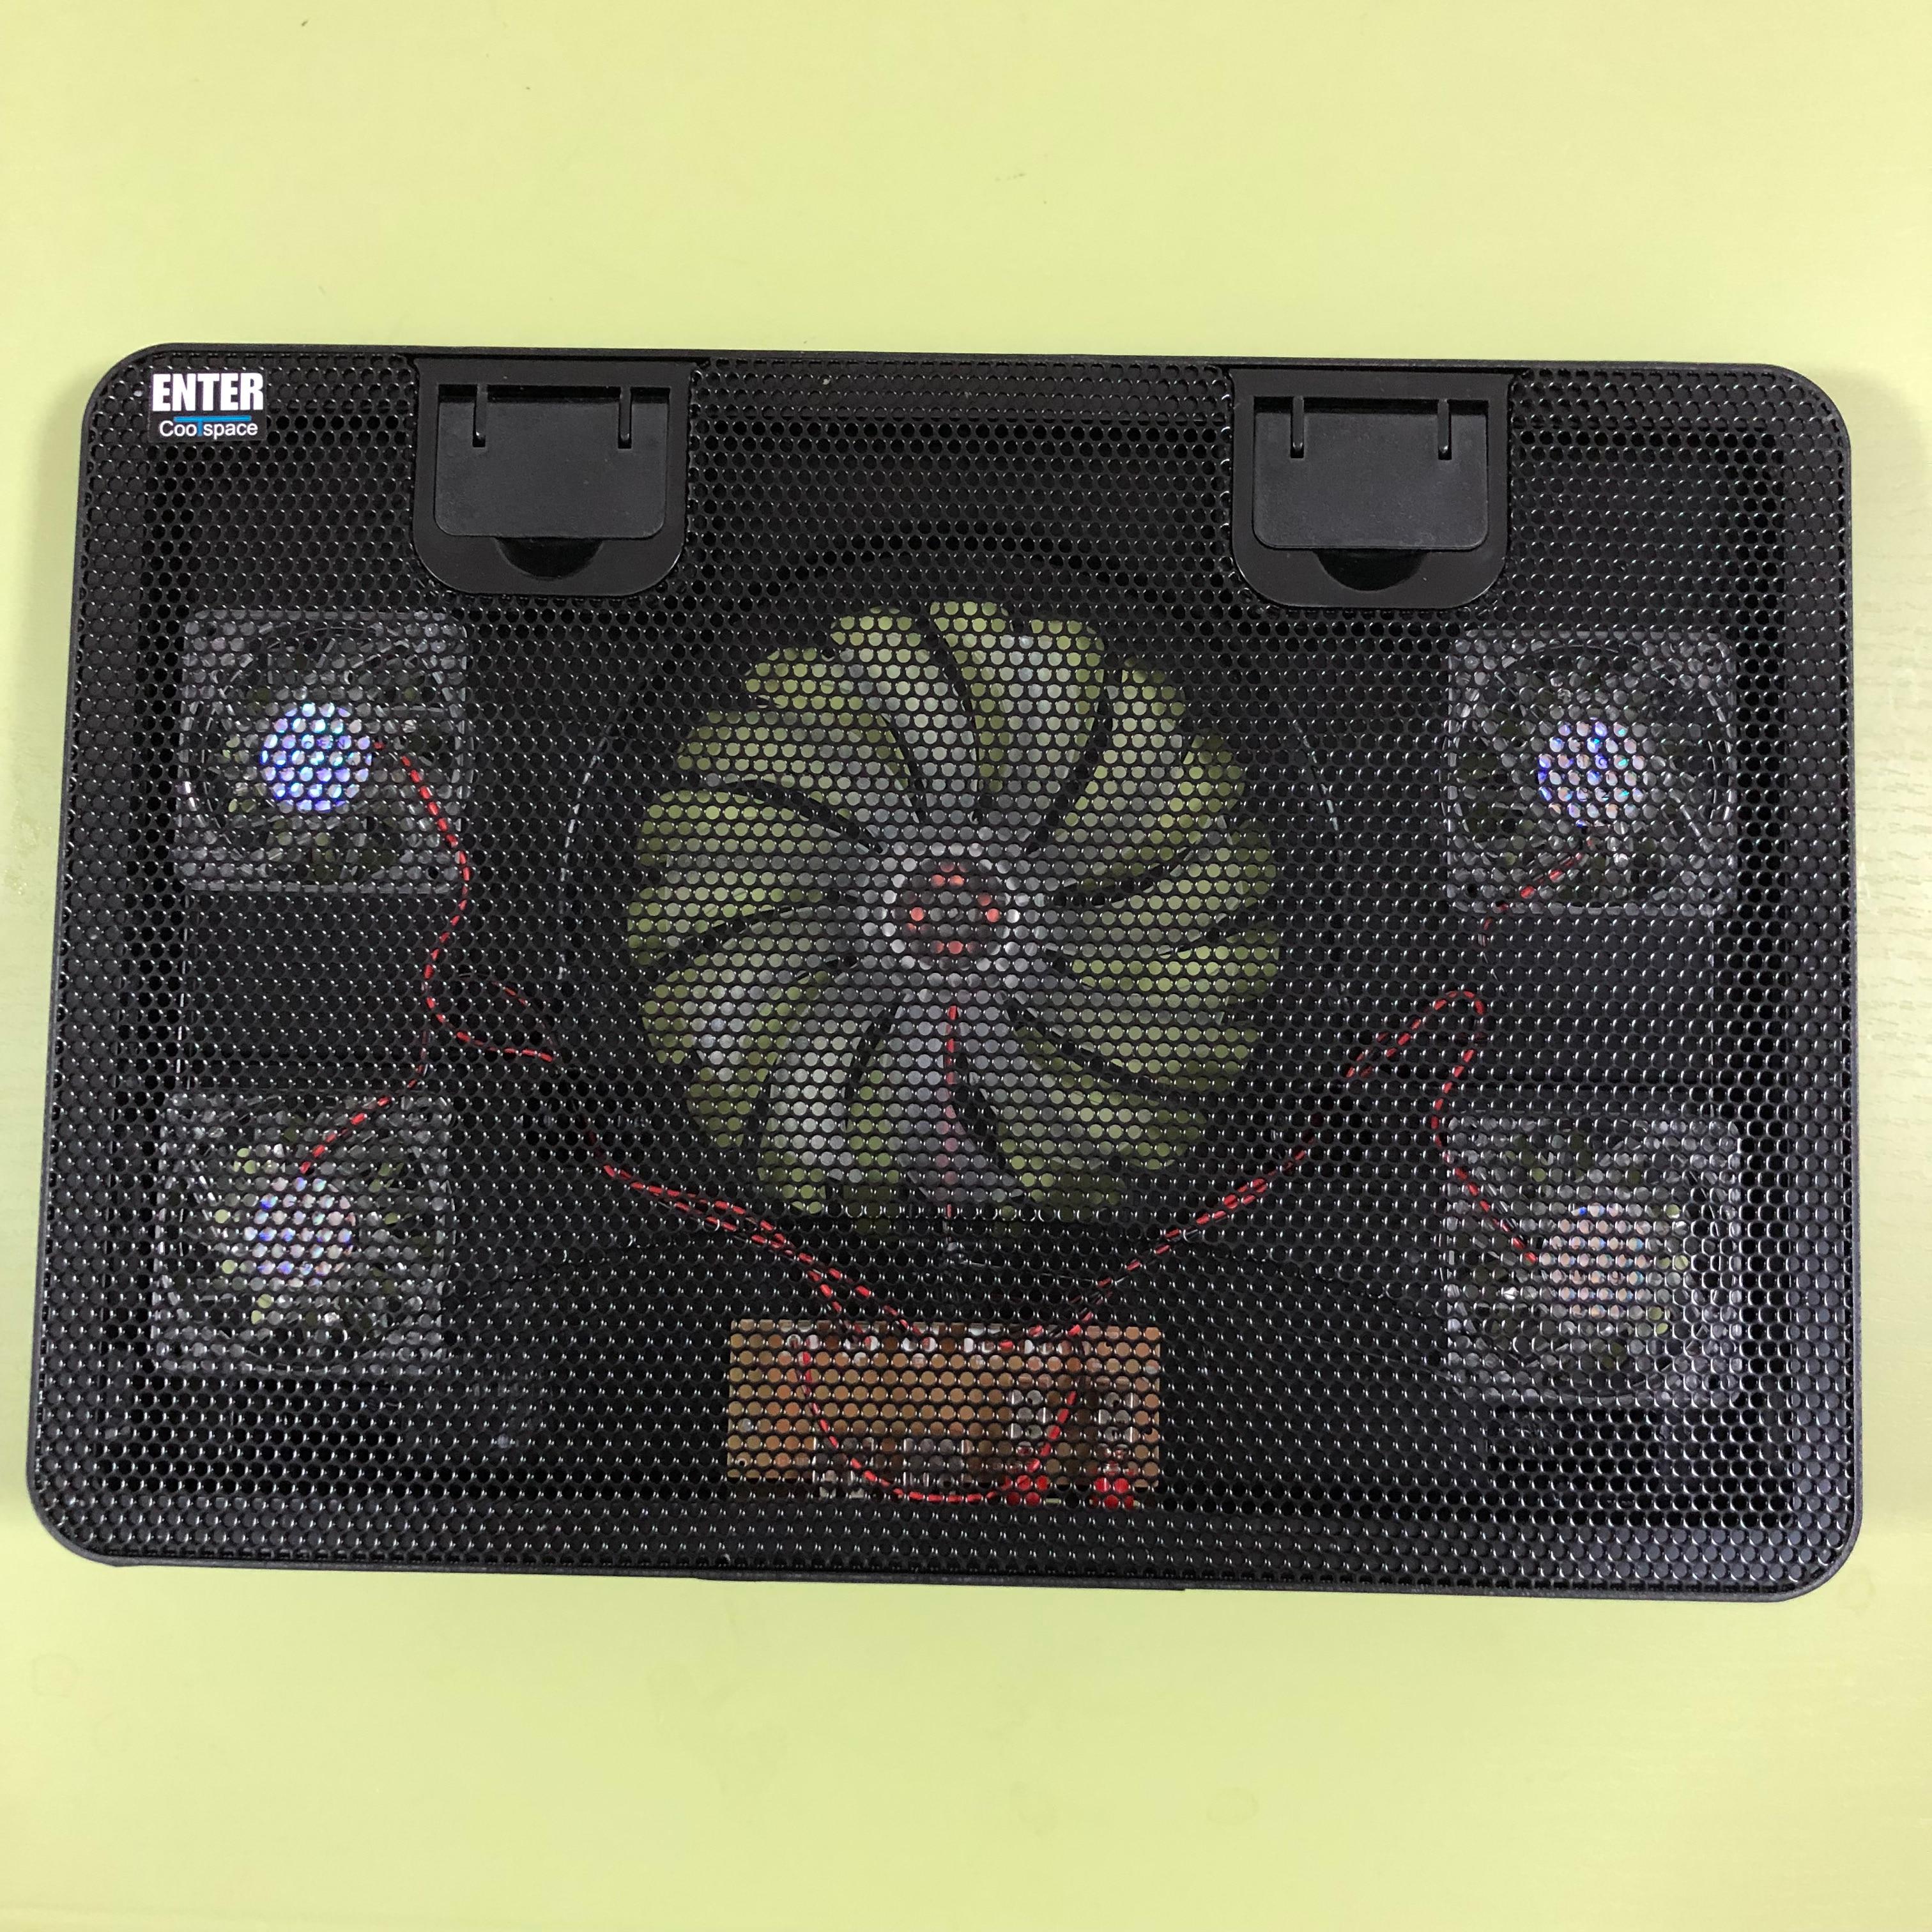 Placa de refrigeración para el refrigerador del radiador portátil externo 30CM ENTER-Coolspace